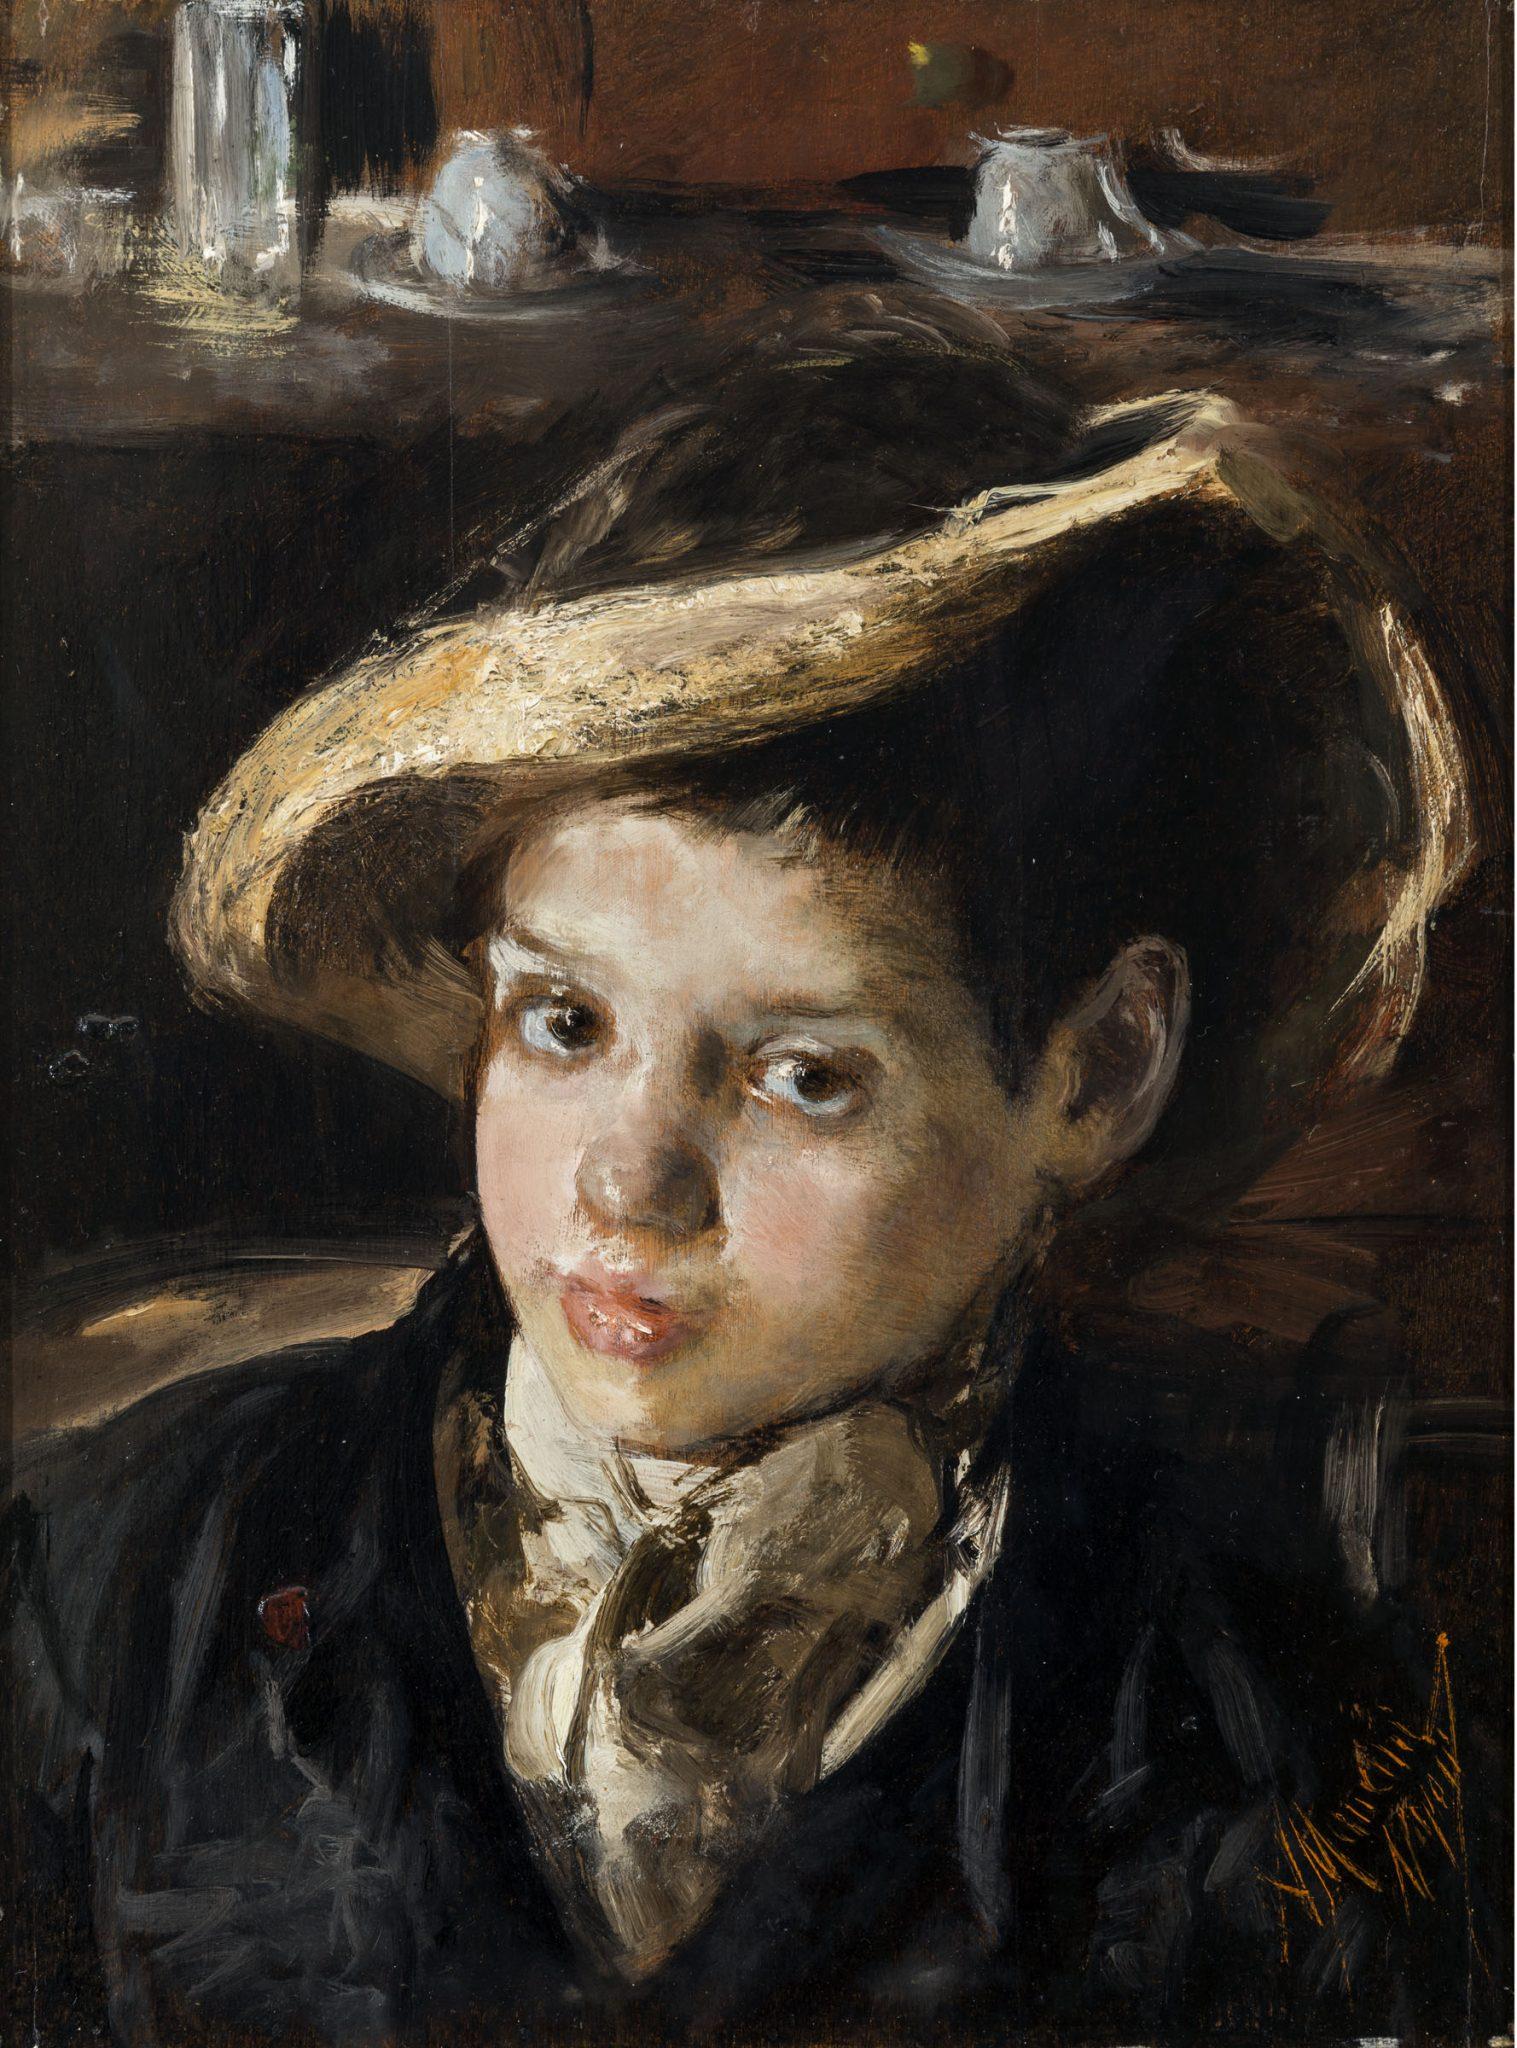 Ritratto di bambino con cappello di paglia rotta di Antonio , Mancini, mostra Ottocento Contemporaneo